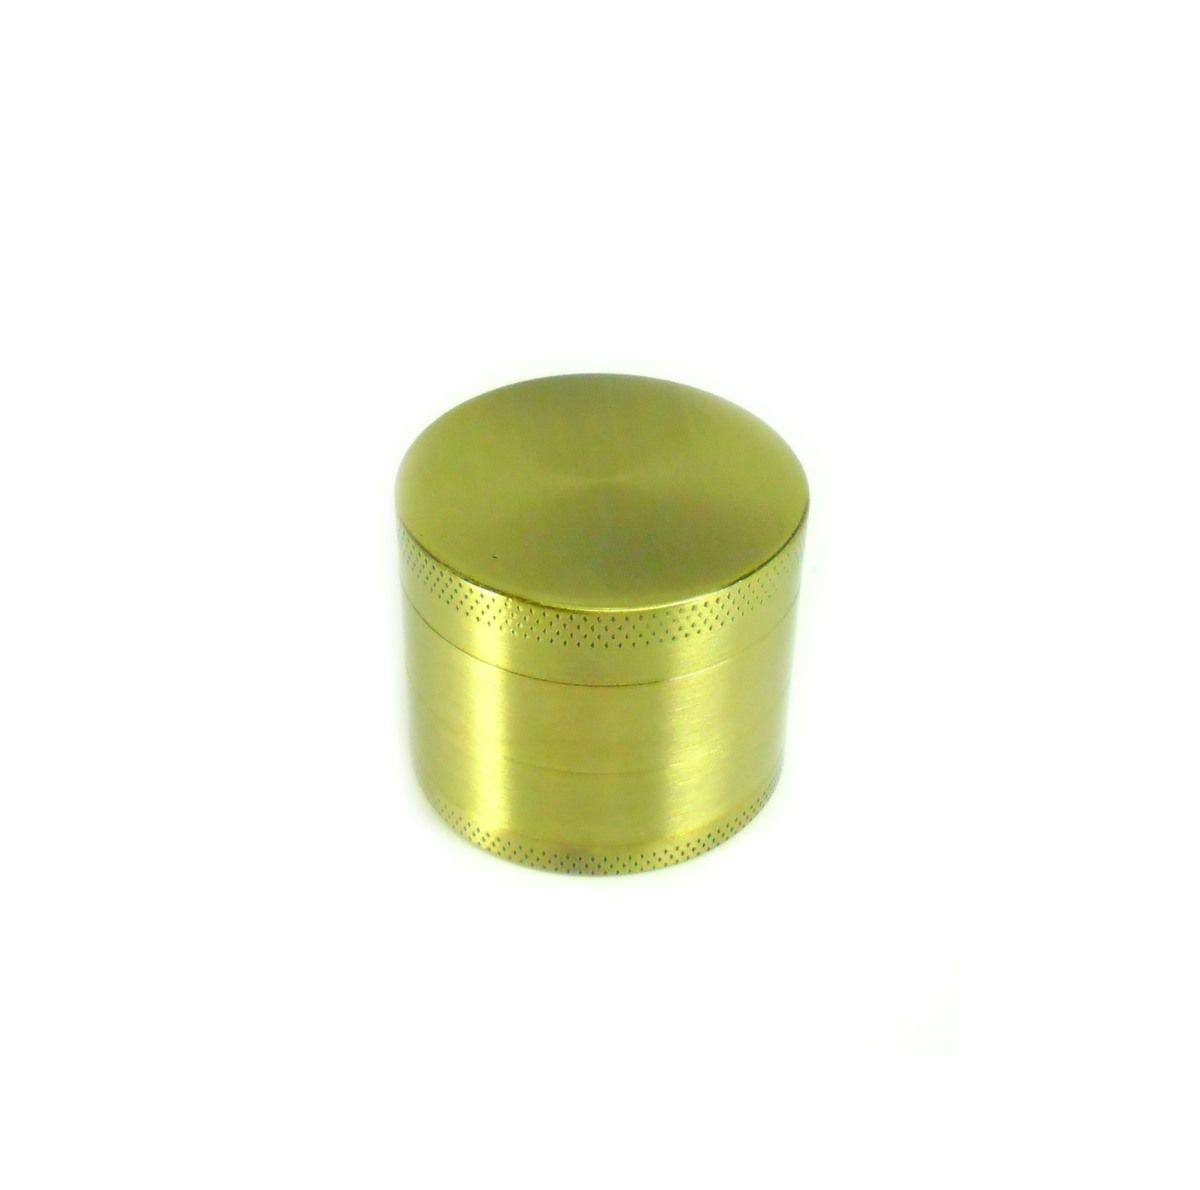 Dichavador/ Desfiador/ Triturador em metal, NEW MÉDIO trifásico (3,4cm. alt / 3,9cm diâm.) Ouro velho